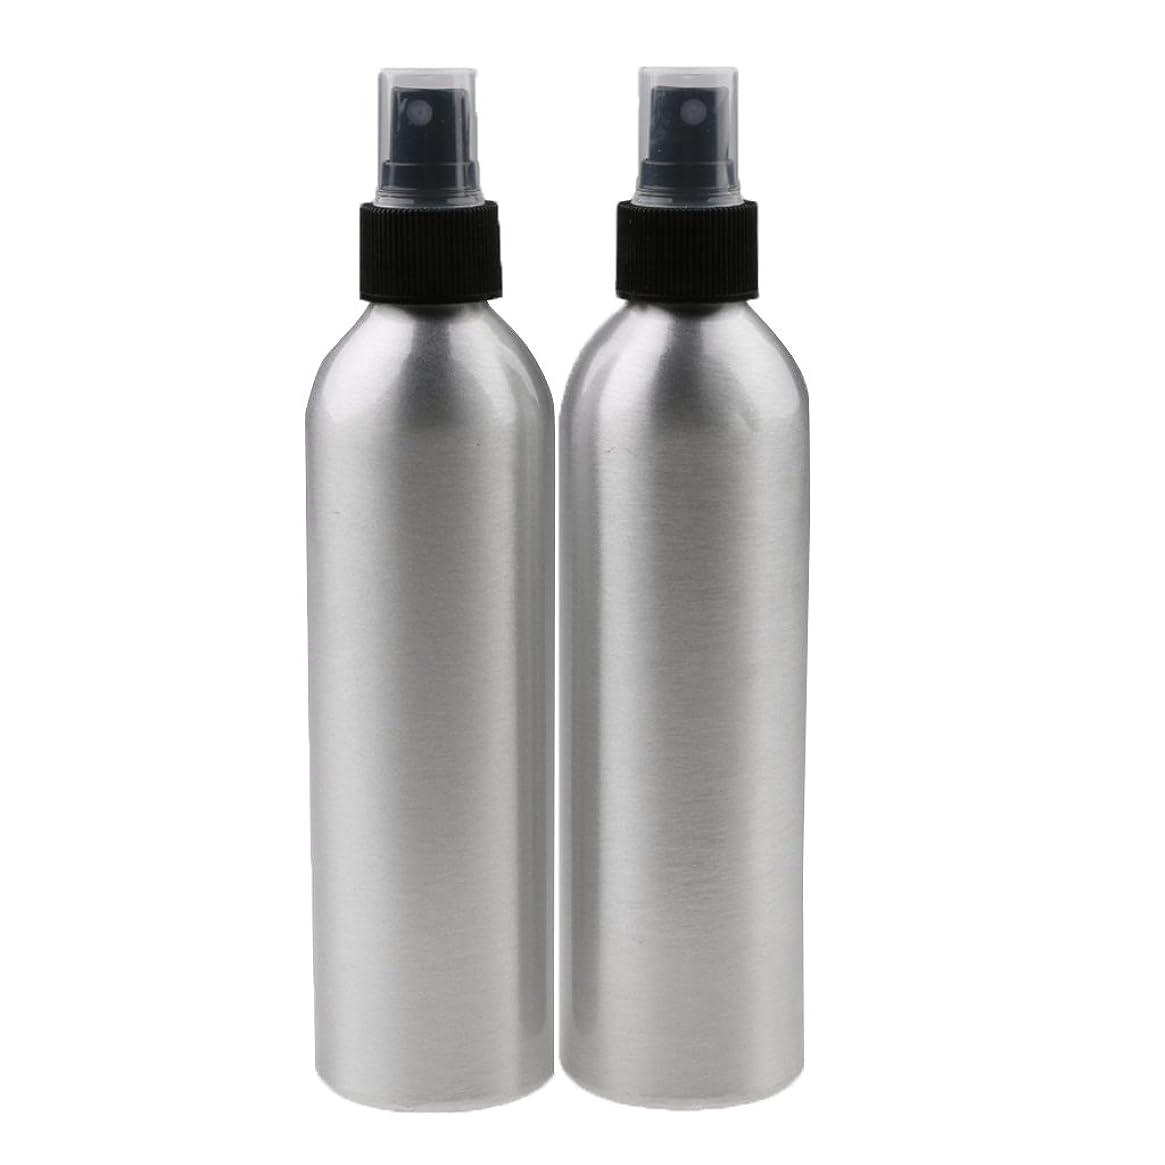 ボウリングゴール王族Perfk 2個入り 旅行 アルミ ミスト スプレー 香水ボトル メイクアップ スプレー アトマイザー お風呂/出張/旅行/海外に適用  全4サイズ - 100ml